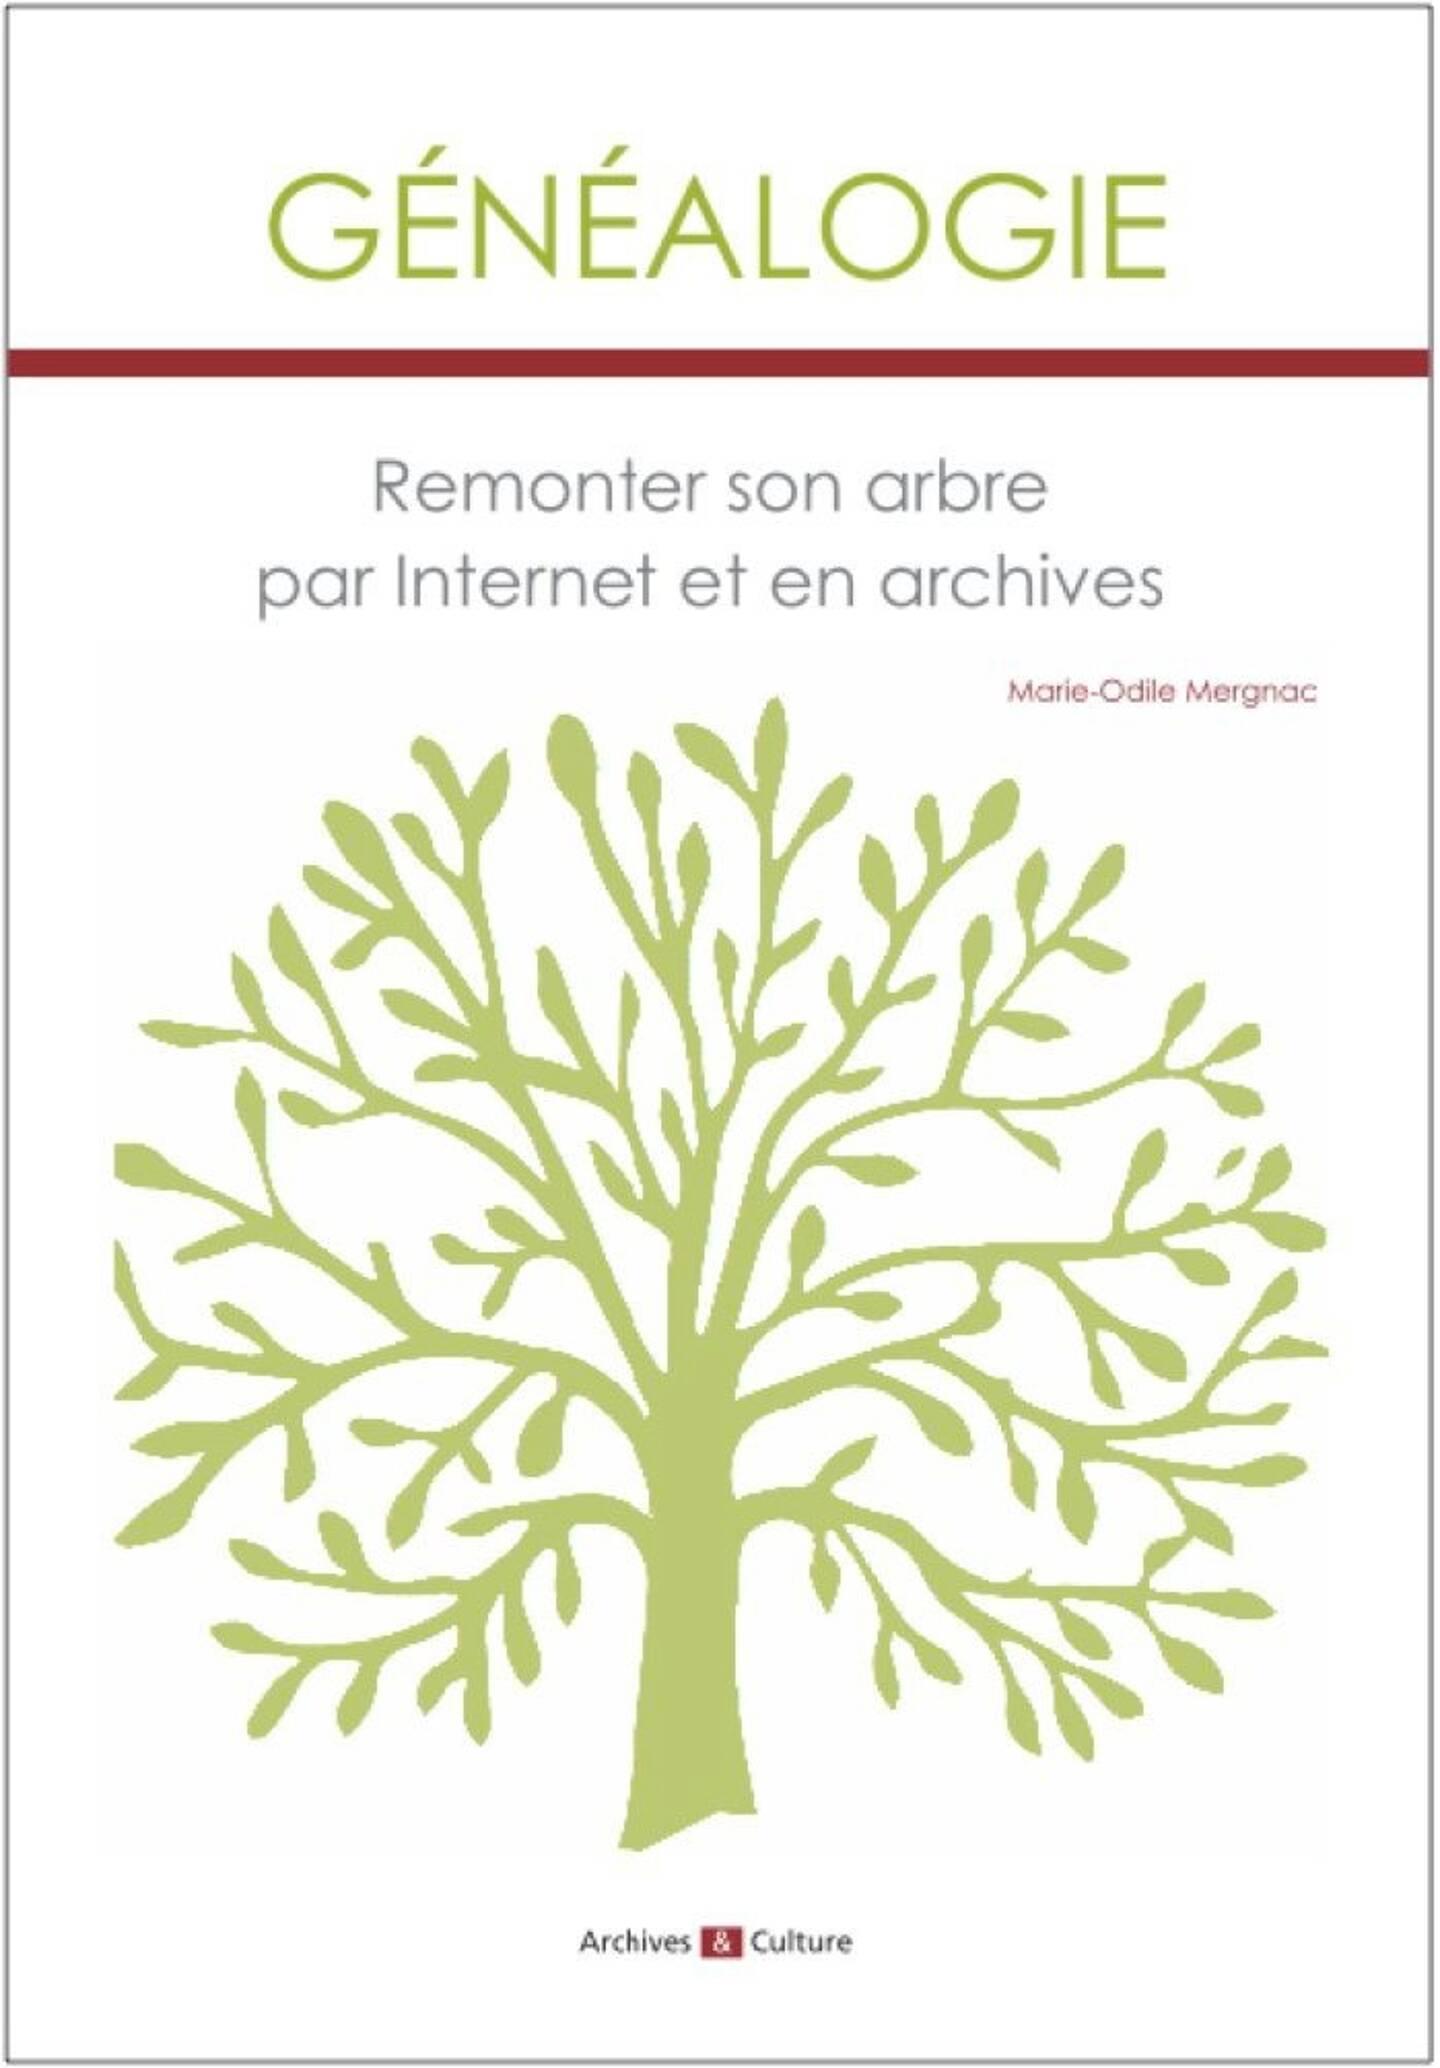 Généalogie. Marie-Odile Mergnac. Editions Archives & Culture. 416 pages.29 euros.